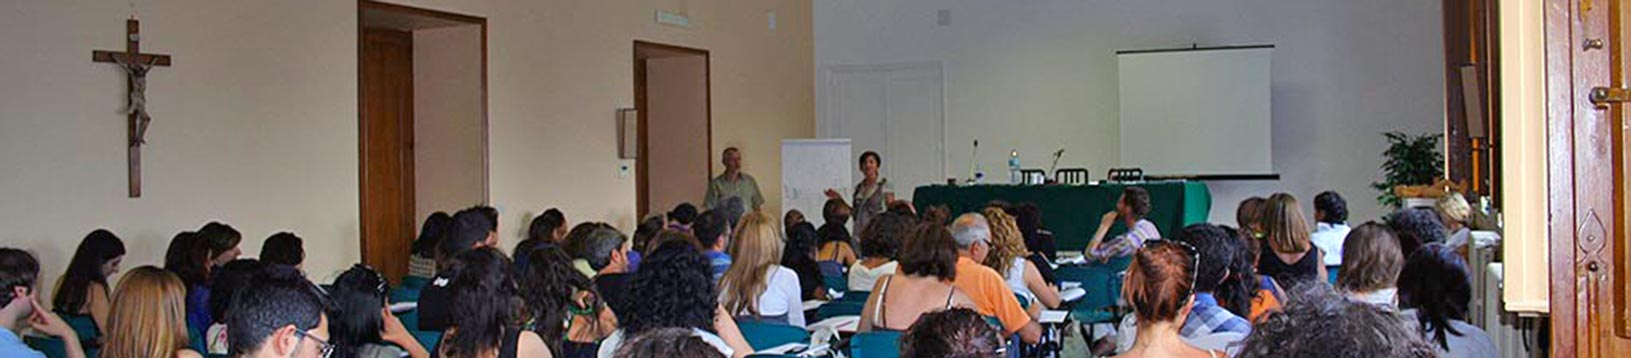 """Un momento della lezione di """"Energetica tradizionale cinese"""" svolta dai D.ri Nicolay Vorontsov e Irma Dzebisachvili"""